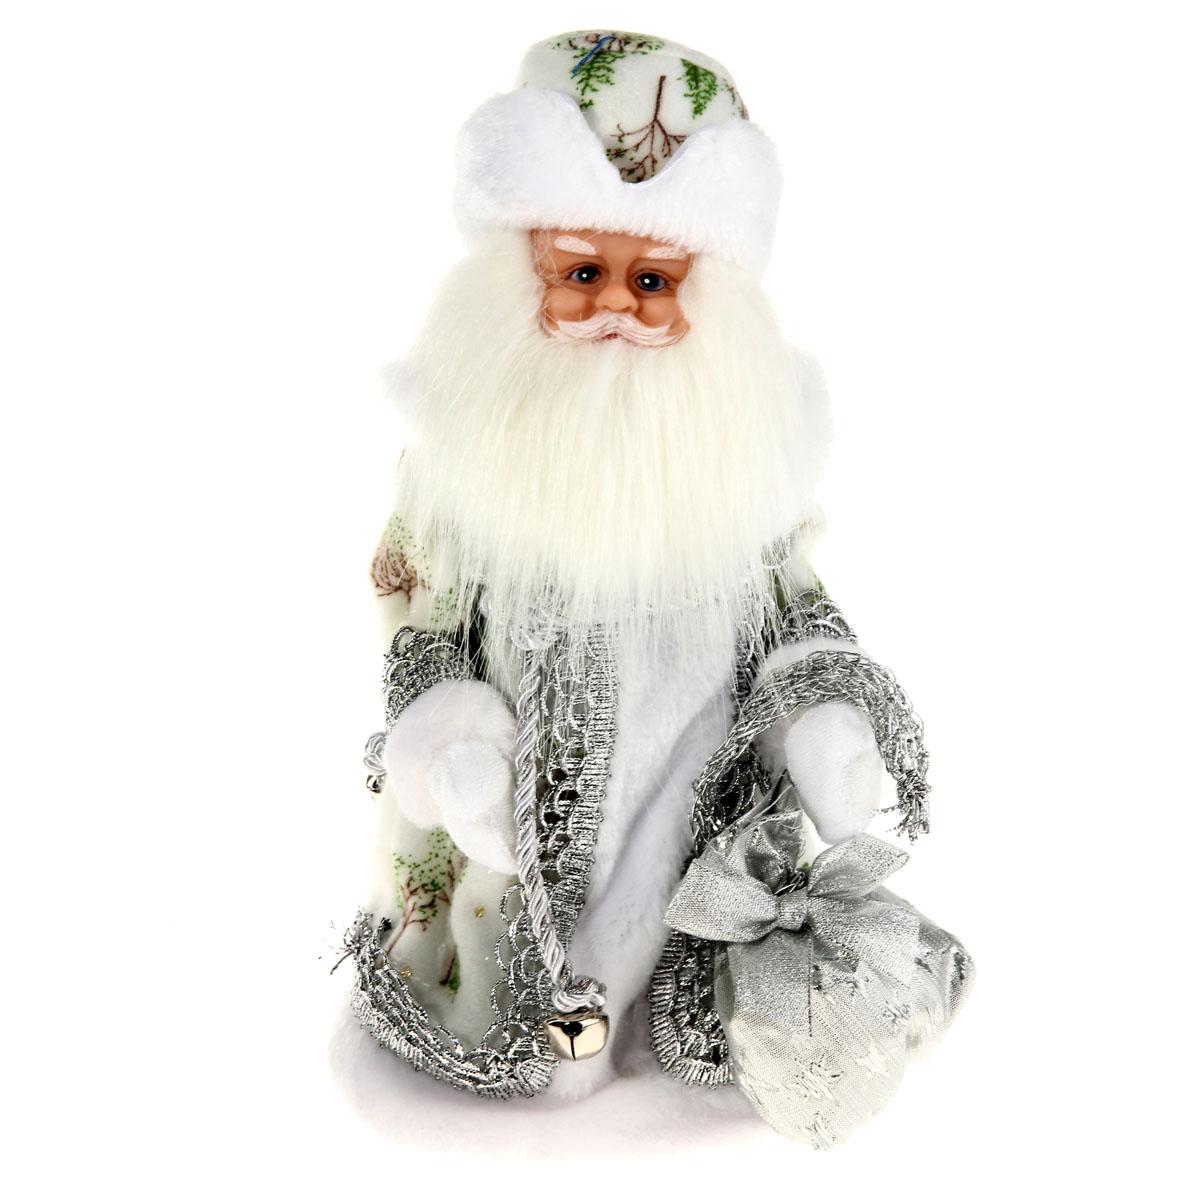 Новогодняя декоративная фигурка Sima-land Дед Мороз, анимированная, высота 28 см. 827841